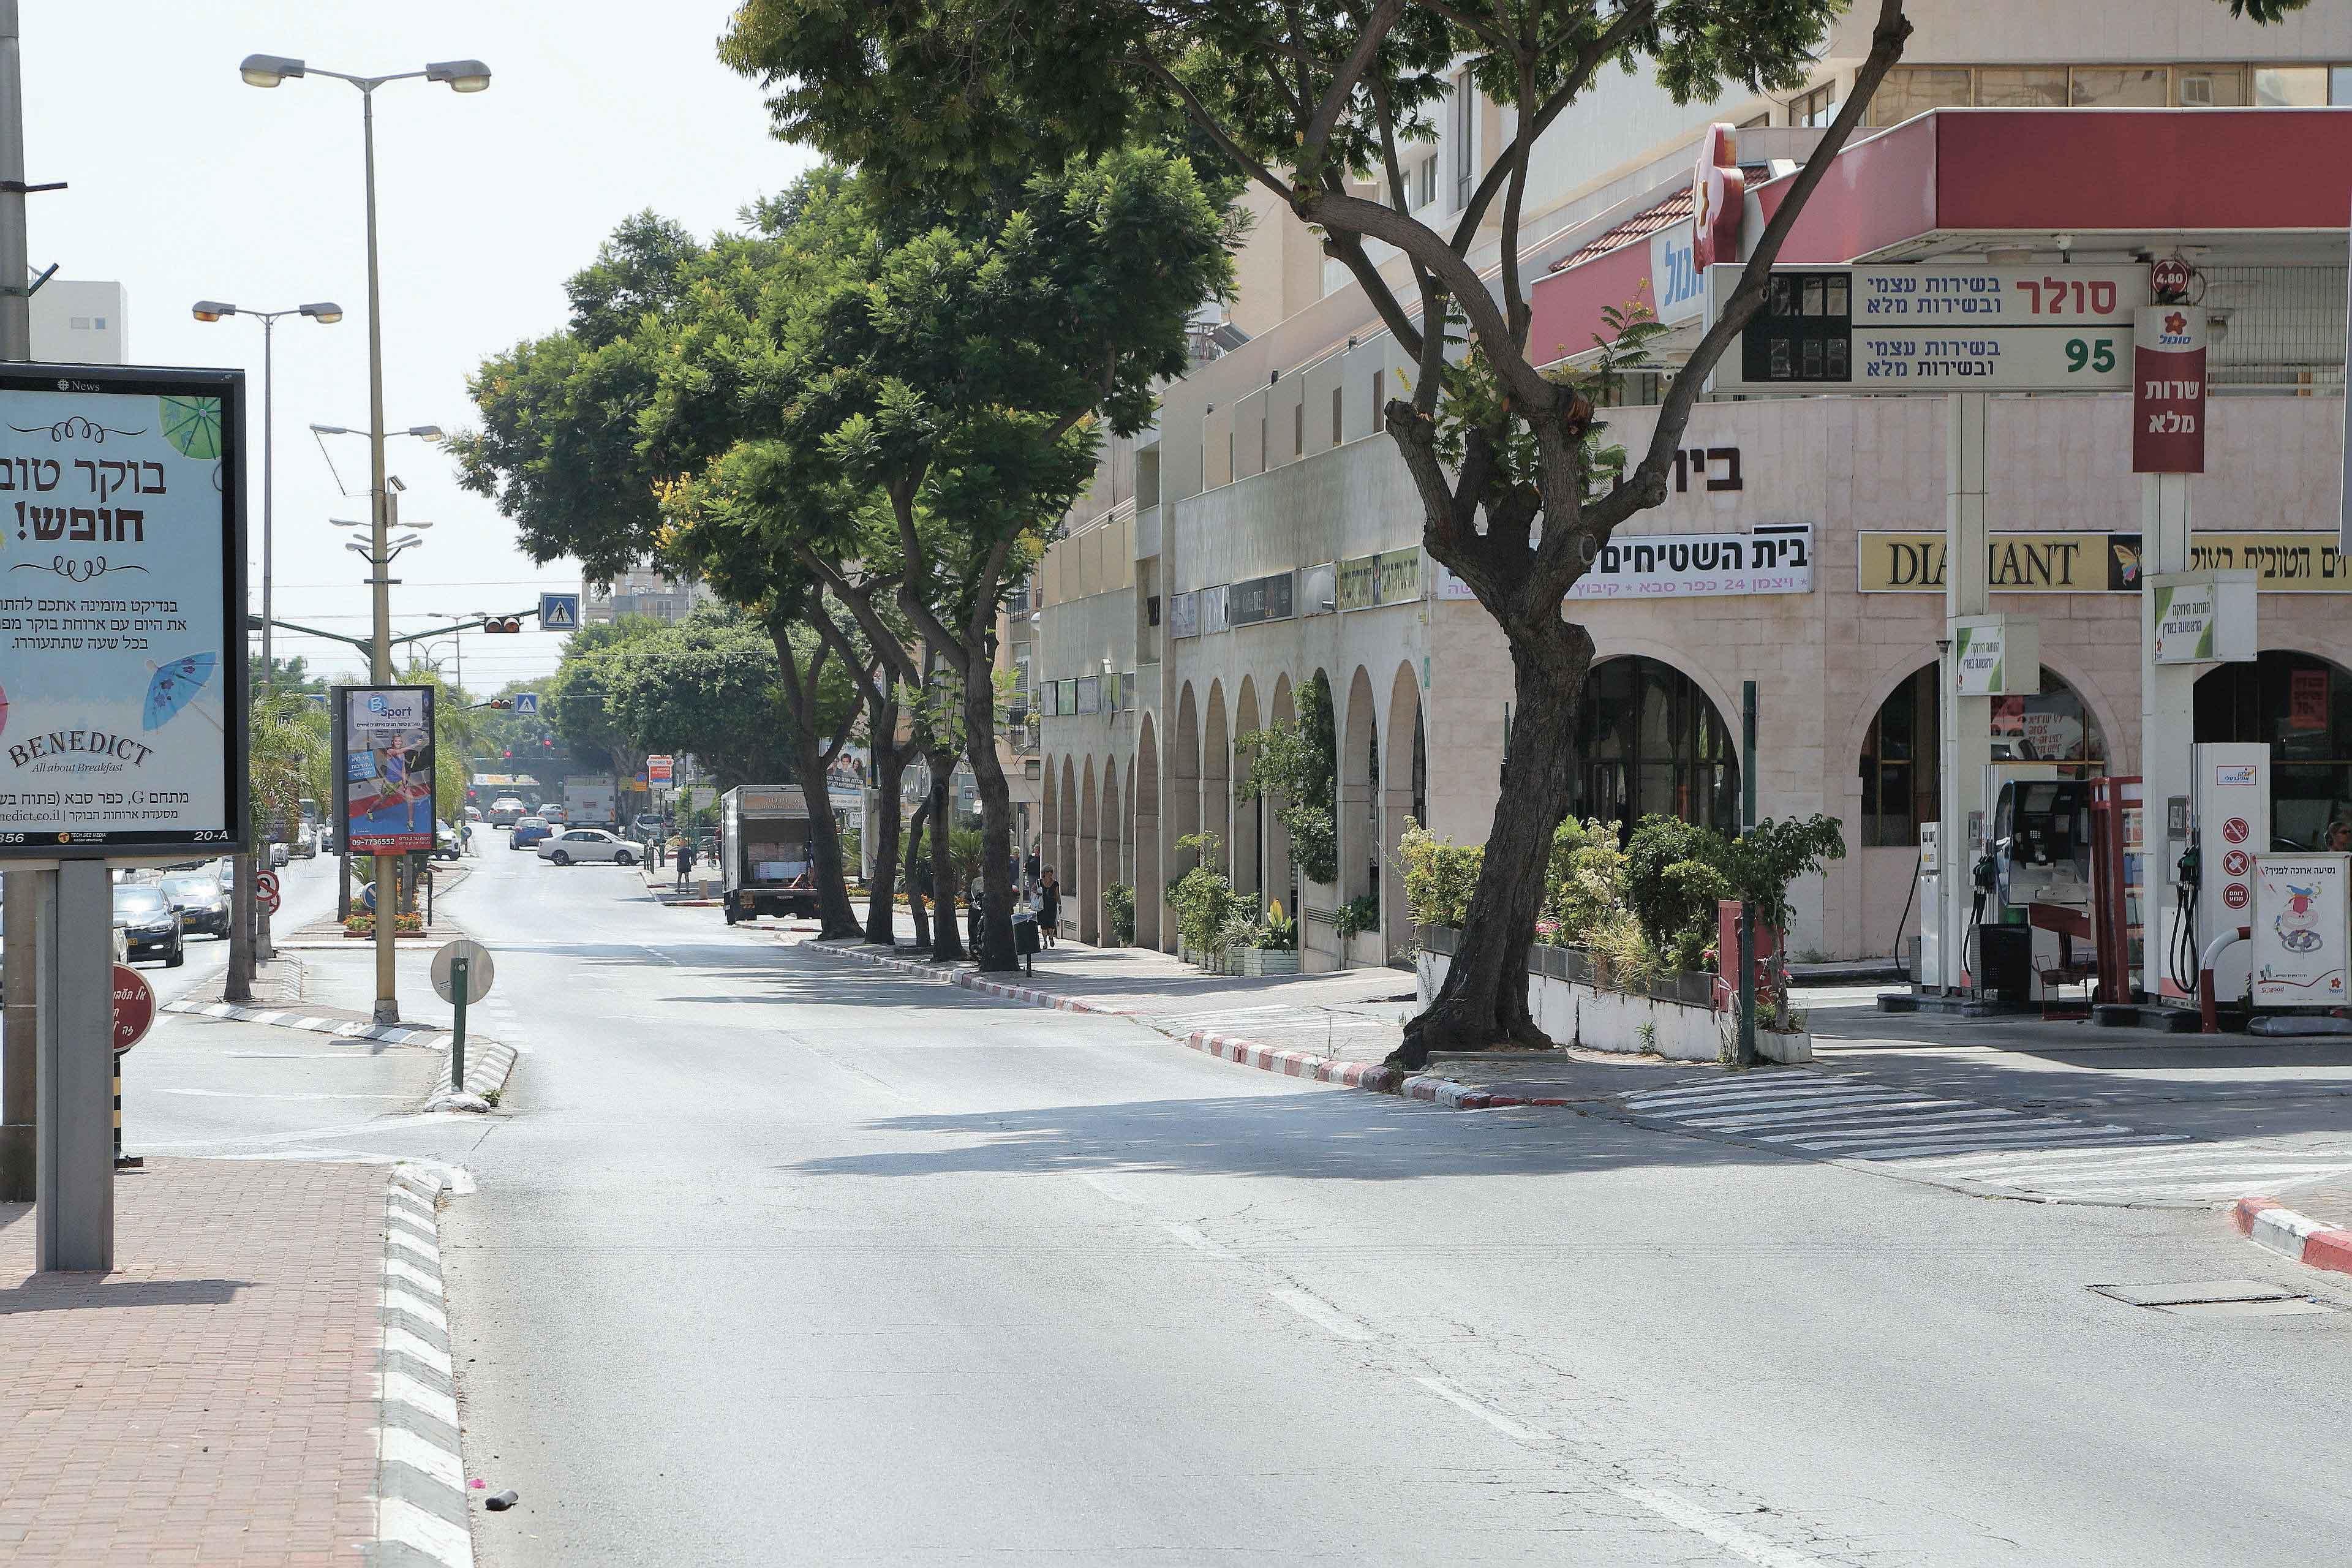 רחוב וייצמן בכפר סבא. צילום עזרא לוי